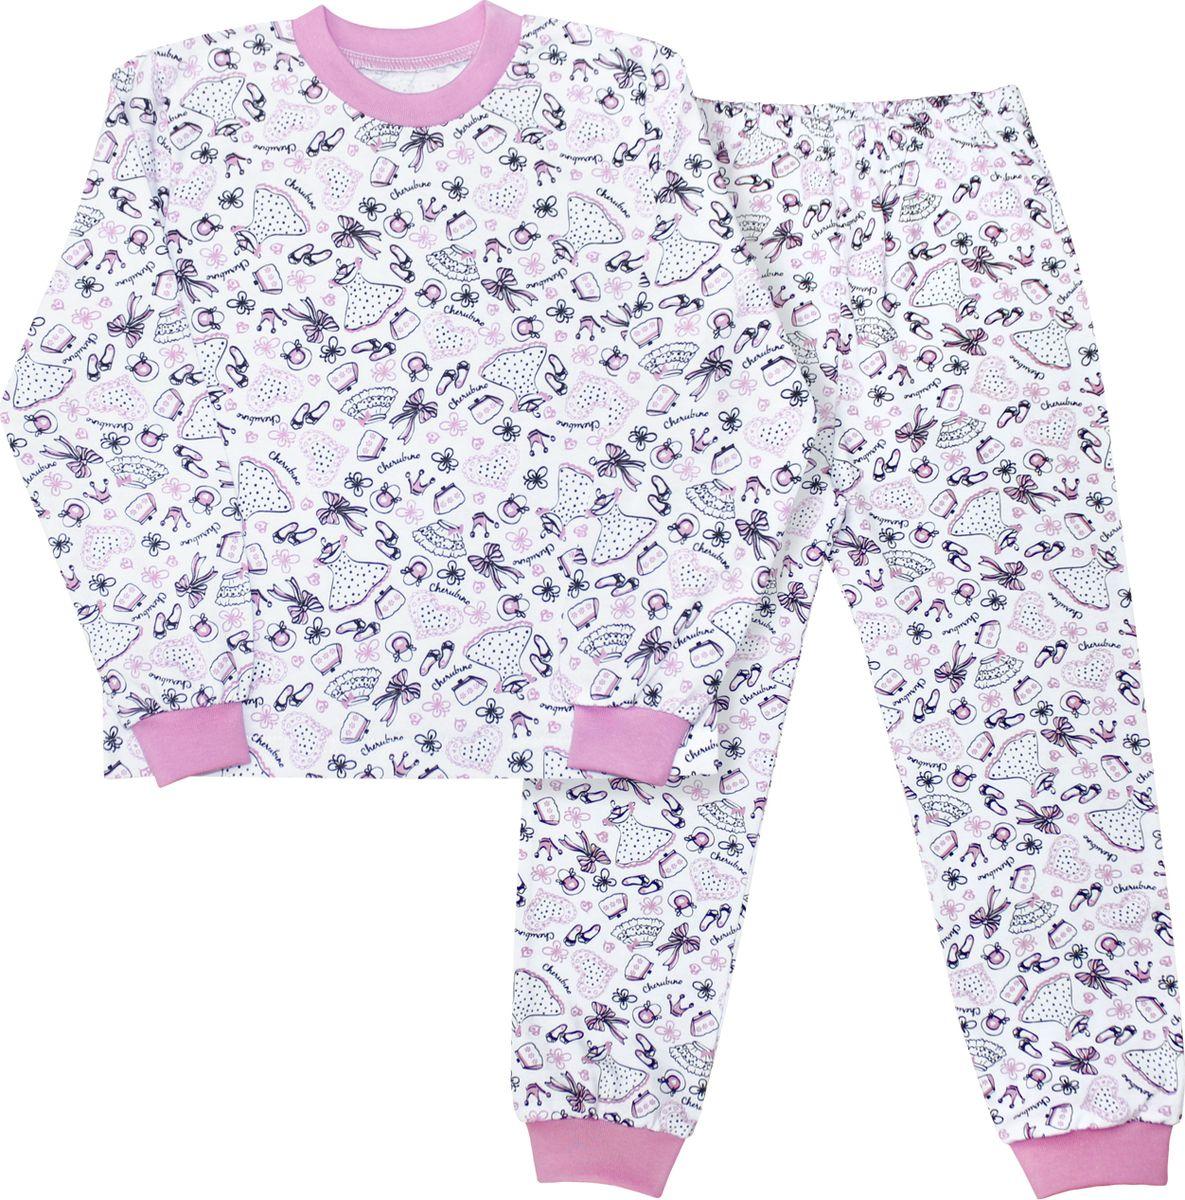 Пижама для девочки Веселый малыш, цвет: розовый. 9317-I (1)_модница. Размер 1049317_модницаУютная детская пижама Веселый малыш послужит идеальным дополнением к гардеробу ребенка, обеспечивая ему наибольший комфорт. Пижама, состоящая из лонгслива и брюк, изготовлена из кулирки, благодаря чему она очень легкая, не раздражает нежную кожу ребенка и хорошо вентилируется. Круглый вырез горловины и манжеты рукавов лонгслива, а также низ штанин дополнены широкой трикотажной резинкой. Брюки зауженного кроя имеют мягкий пояс на вшитой резинке, не сдавливающей живот ребенка.